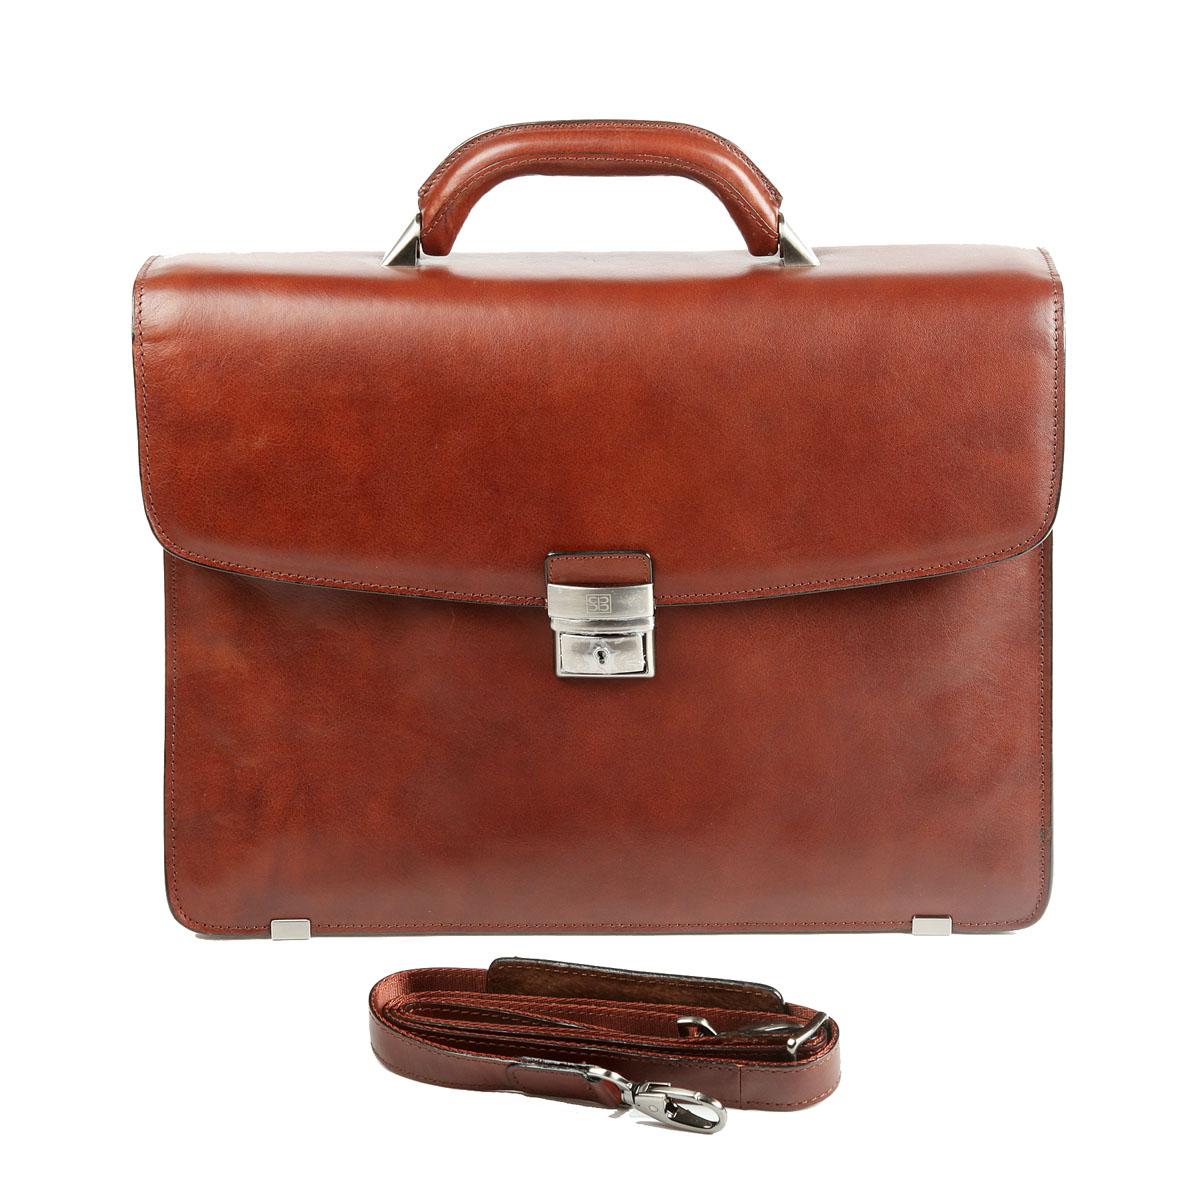 Портфель мужской Sergio Belotti, цвет: коричневый. 8008 портфель мужской sergio belotti цвет коричневый 8740